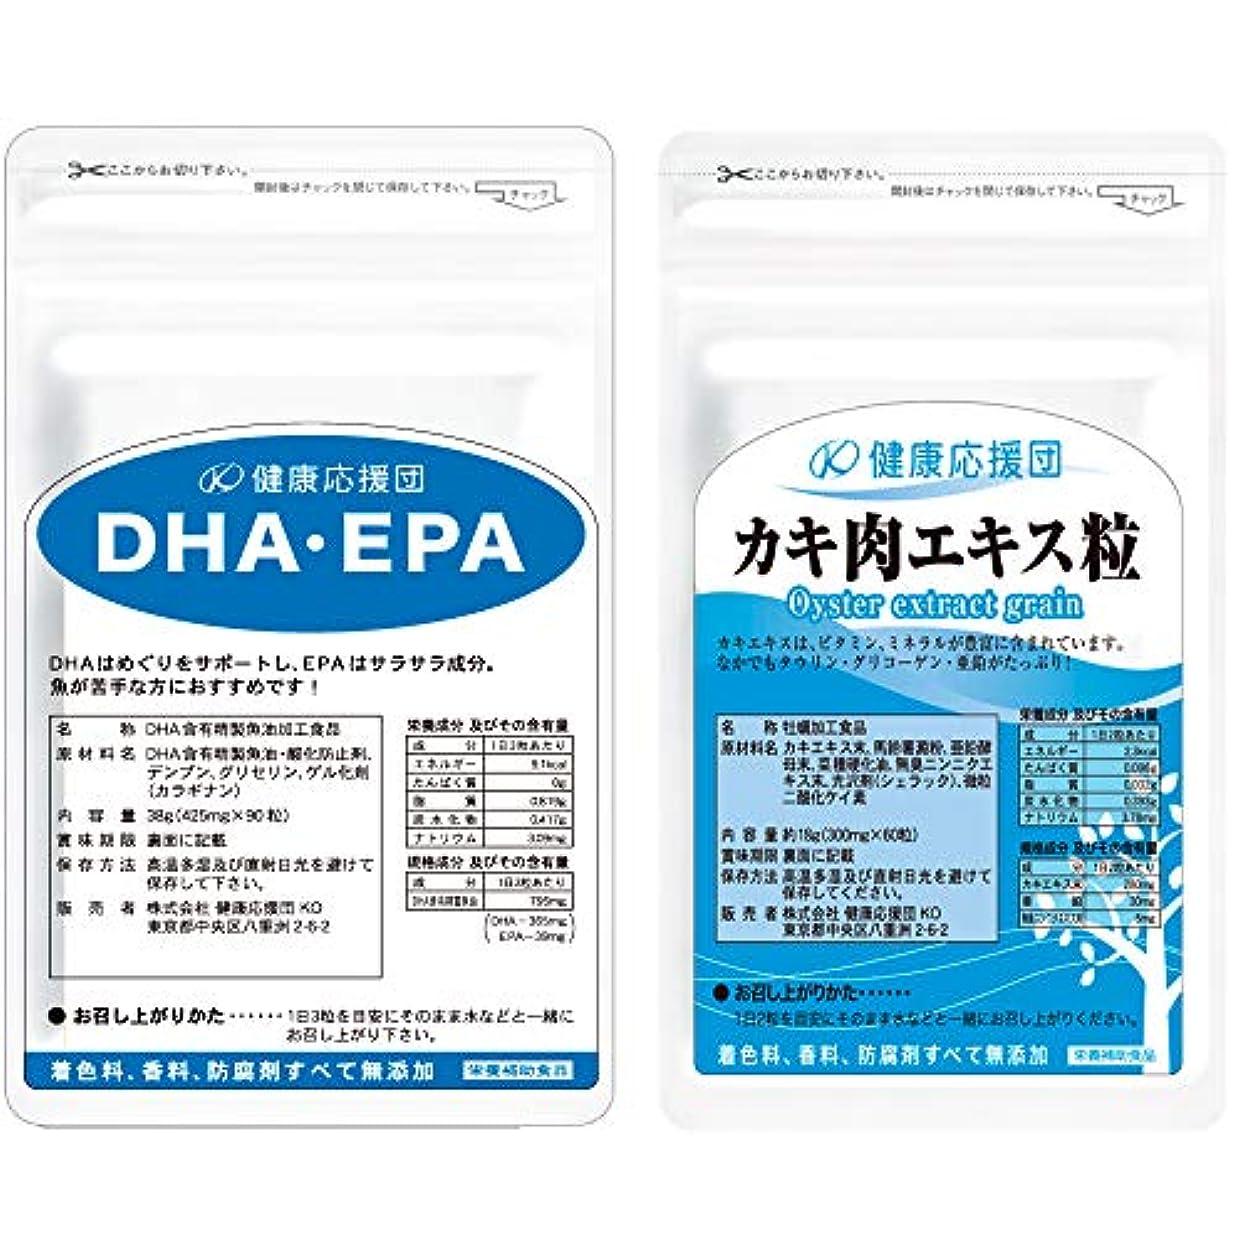 領収書アロングテープ【DHA?EPA】&【濃縮牡蠣エキス粒】 肝臓の応援セット!肝臓の数値が高めの方にお勧め!